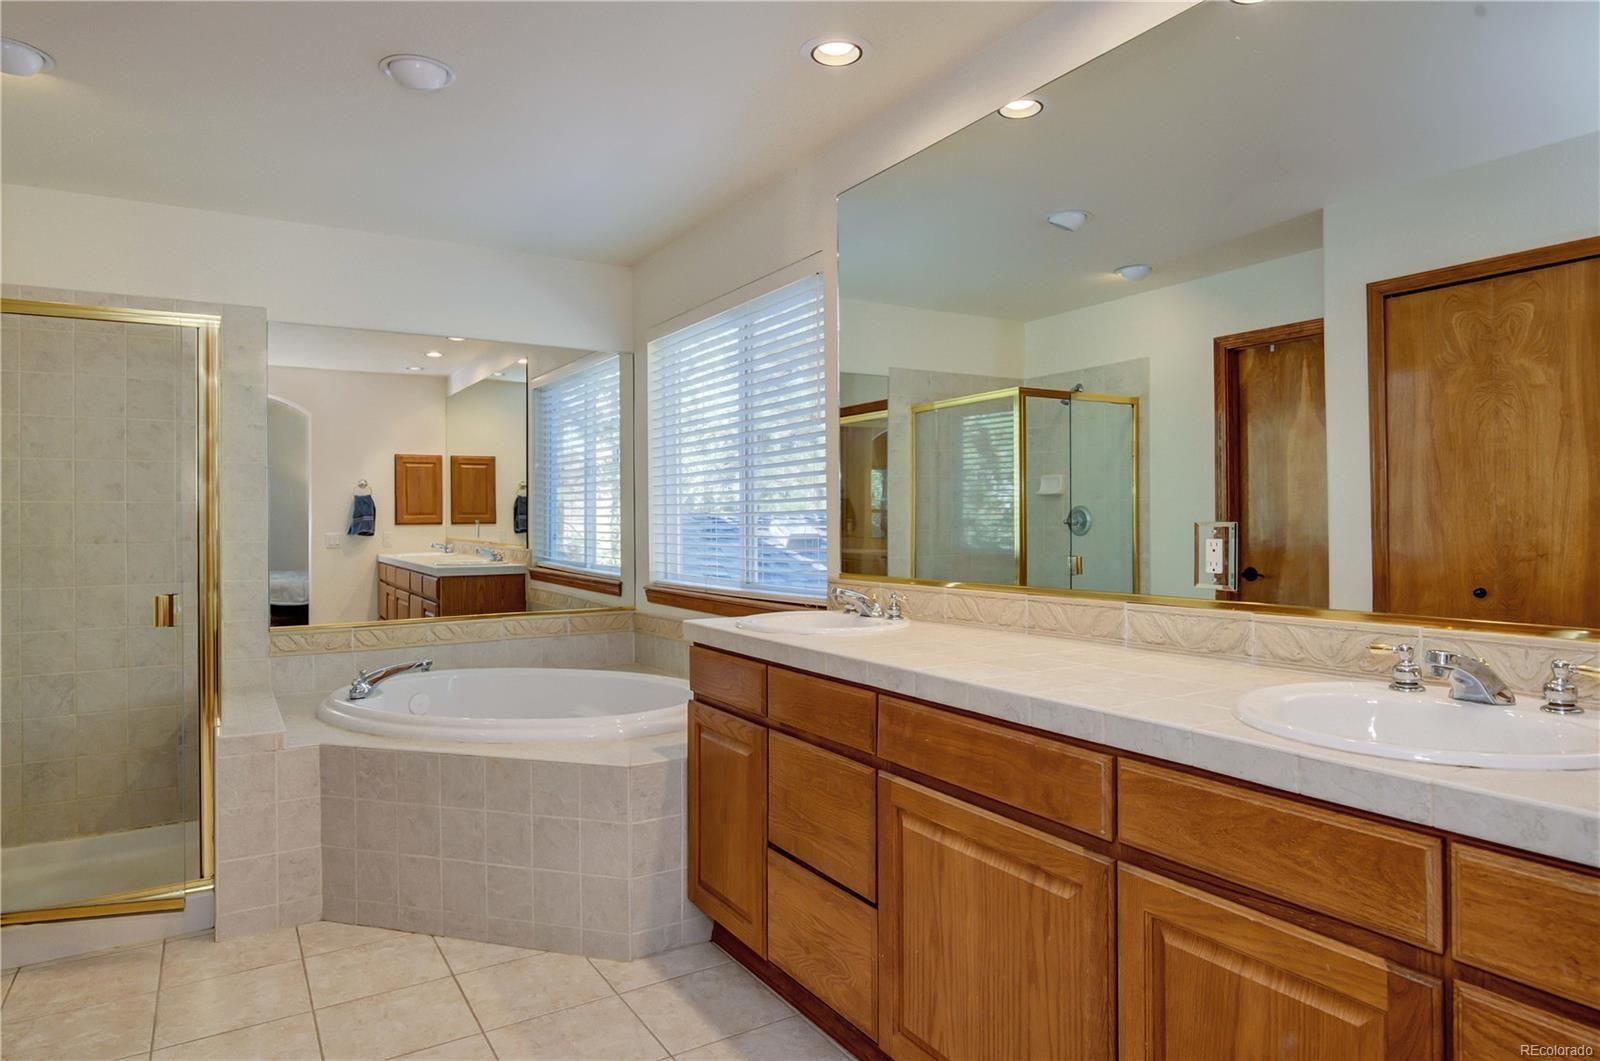 MLS# 5456451 - 18 - 15971 Woodmeadow Court, Colorado Springs, CO 80921